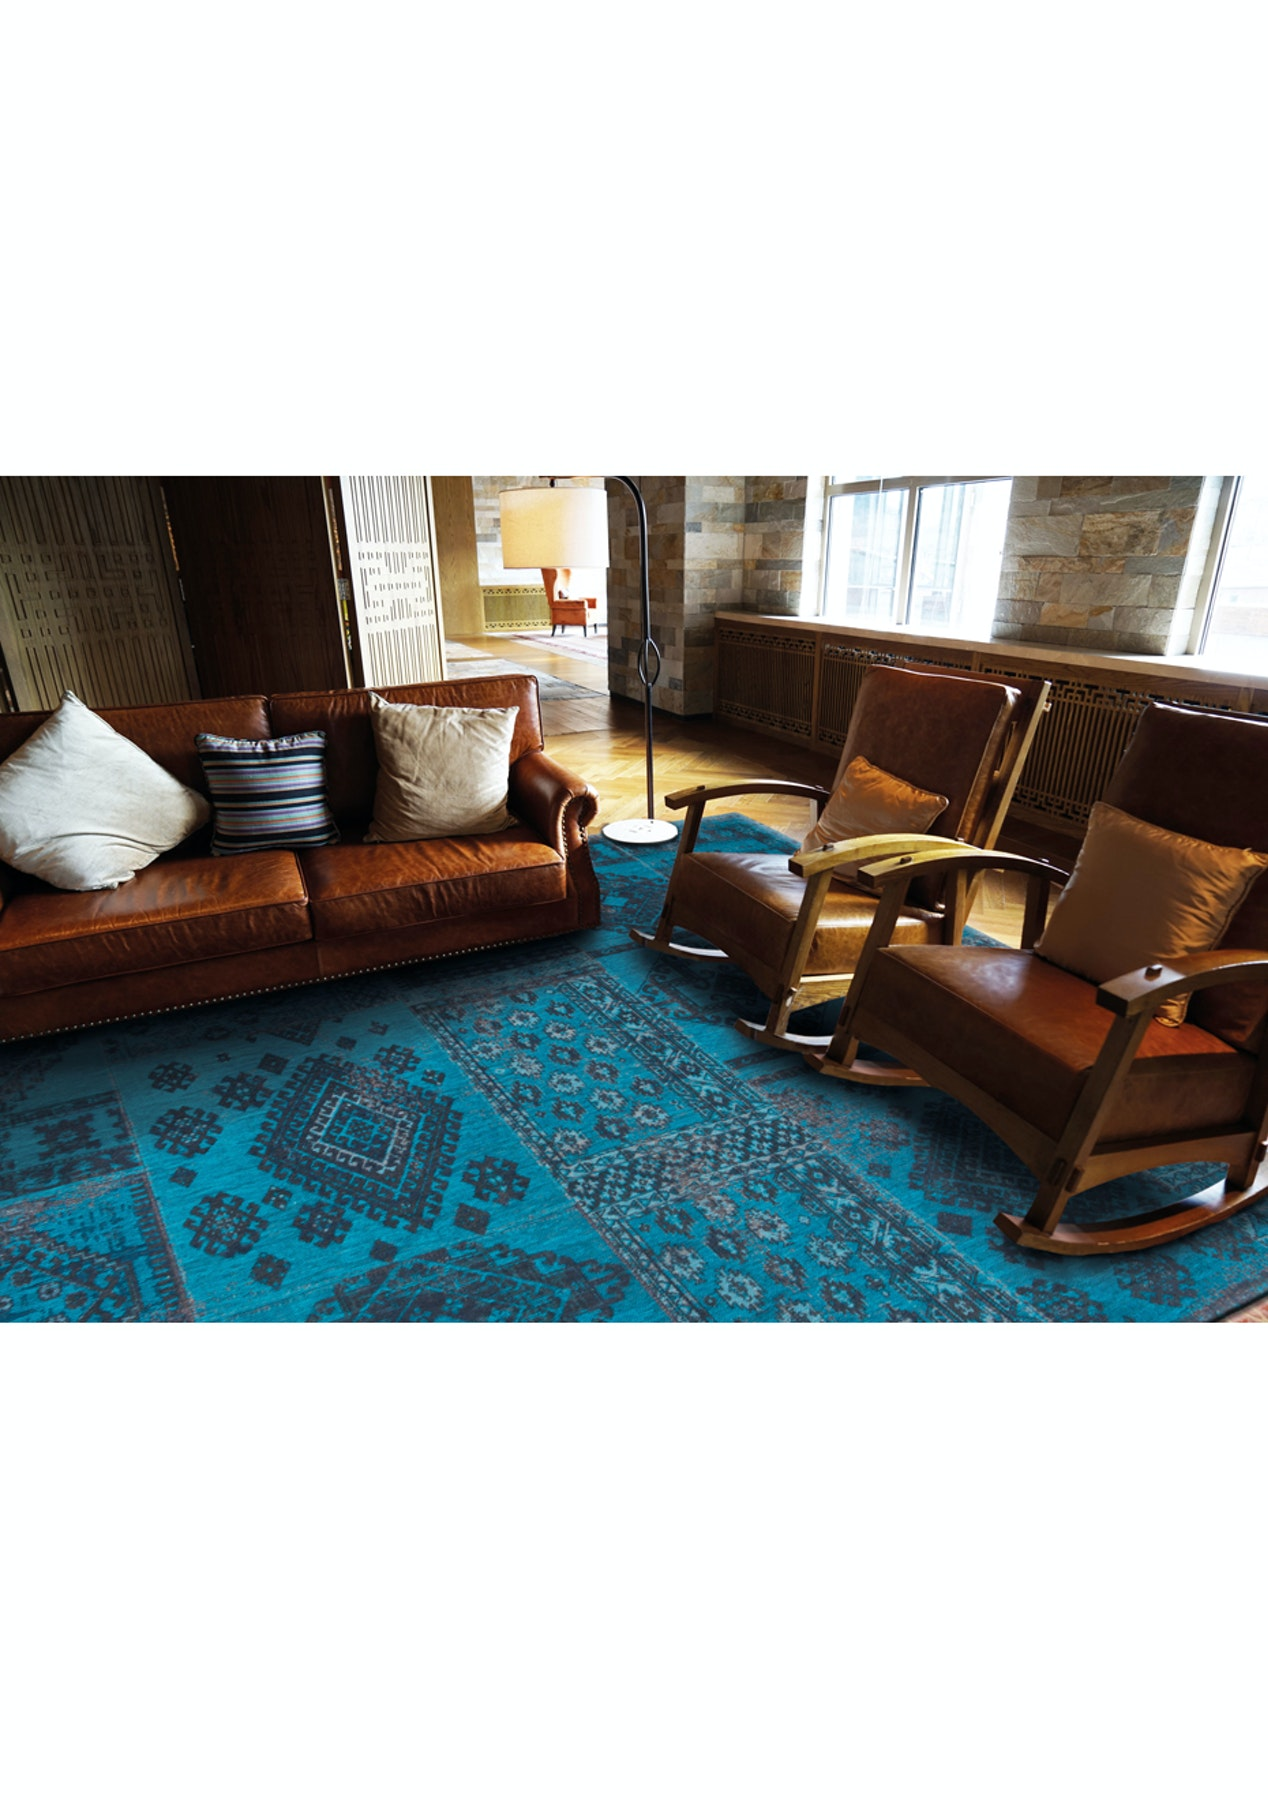 Vintage wool blend bohemian 200x280 best selling rugs for Best selling rugs